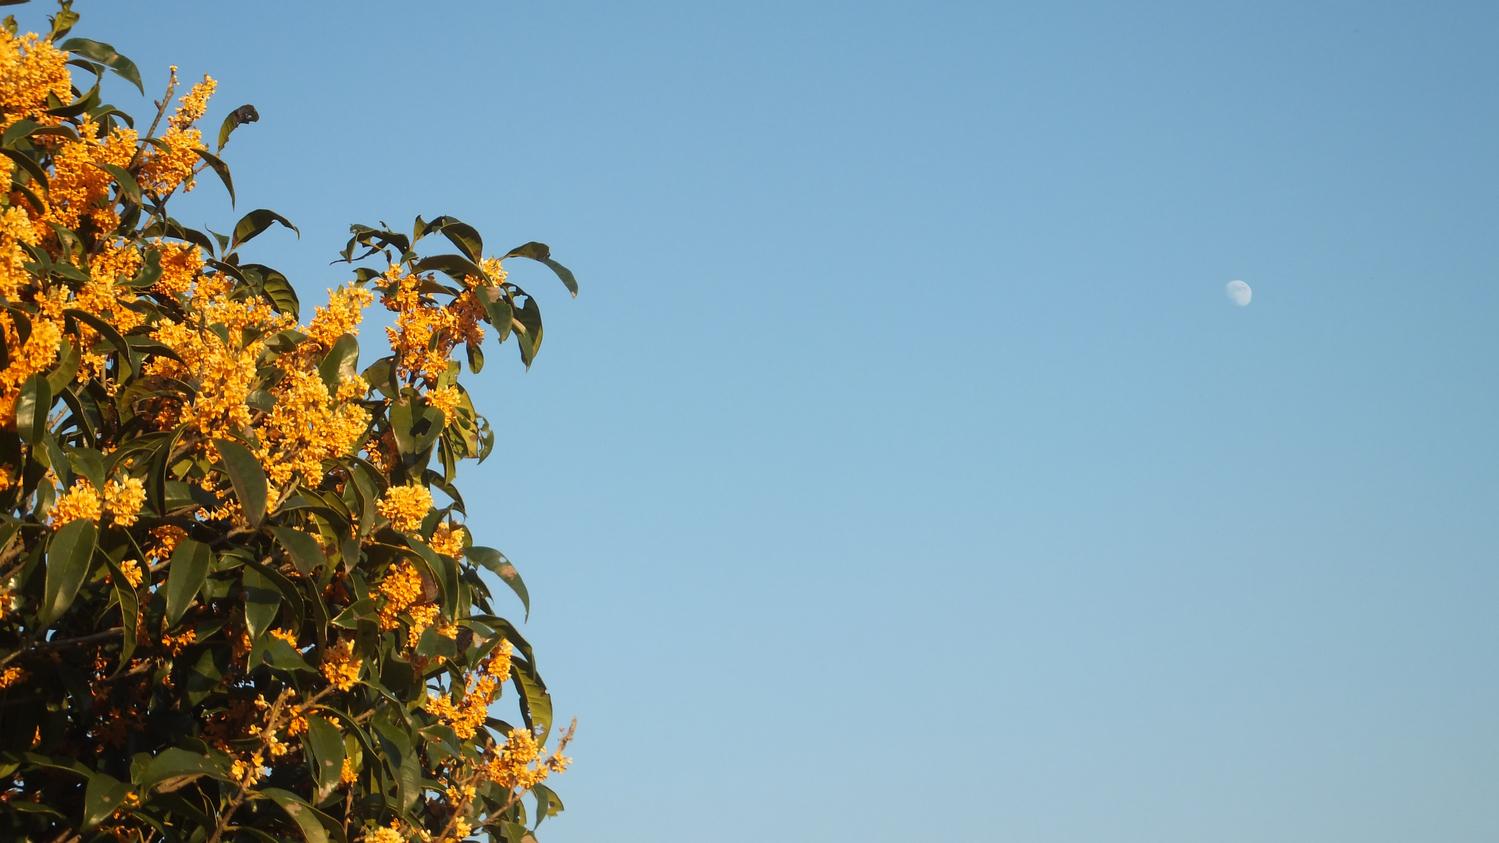 ふわっと、秋の香りが鼻をかすめた